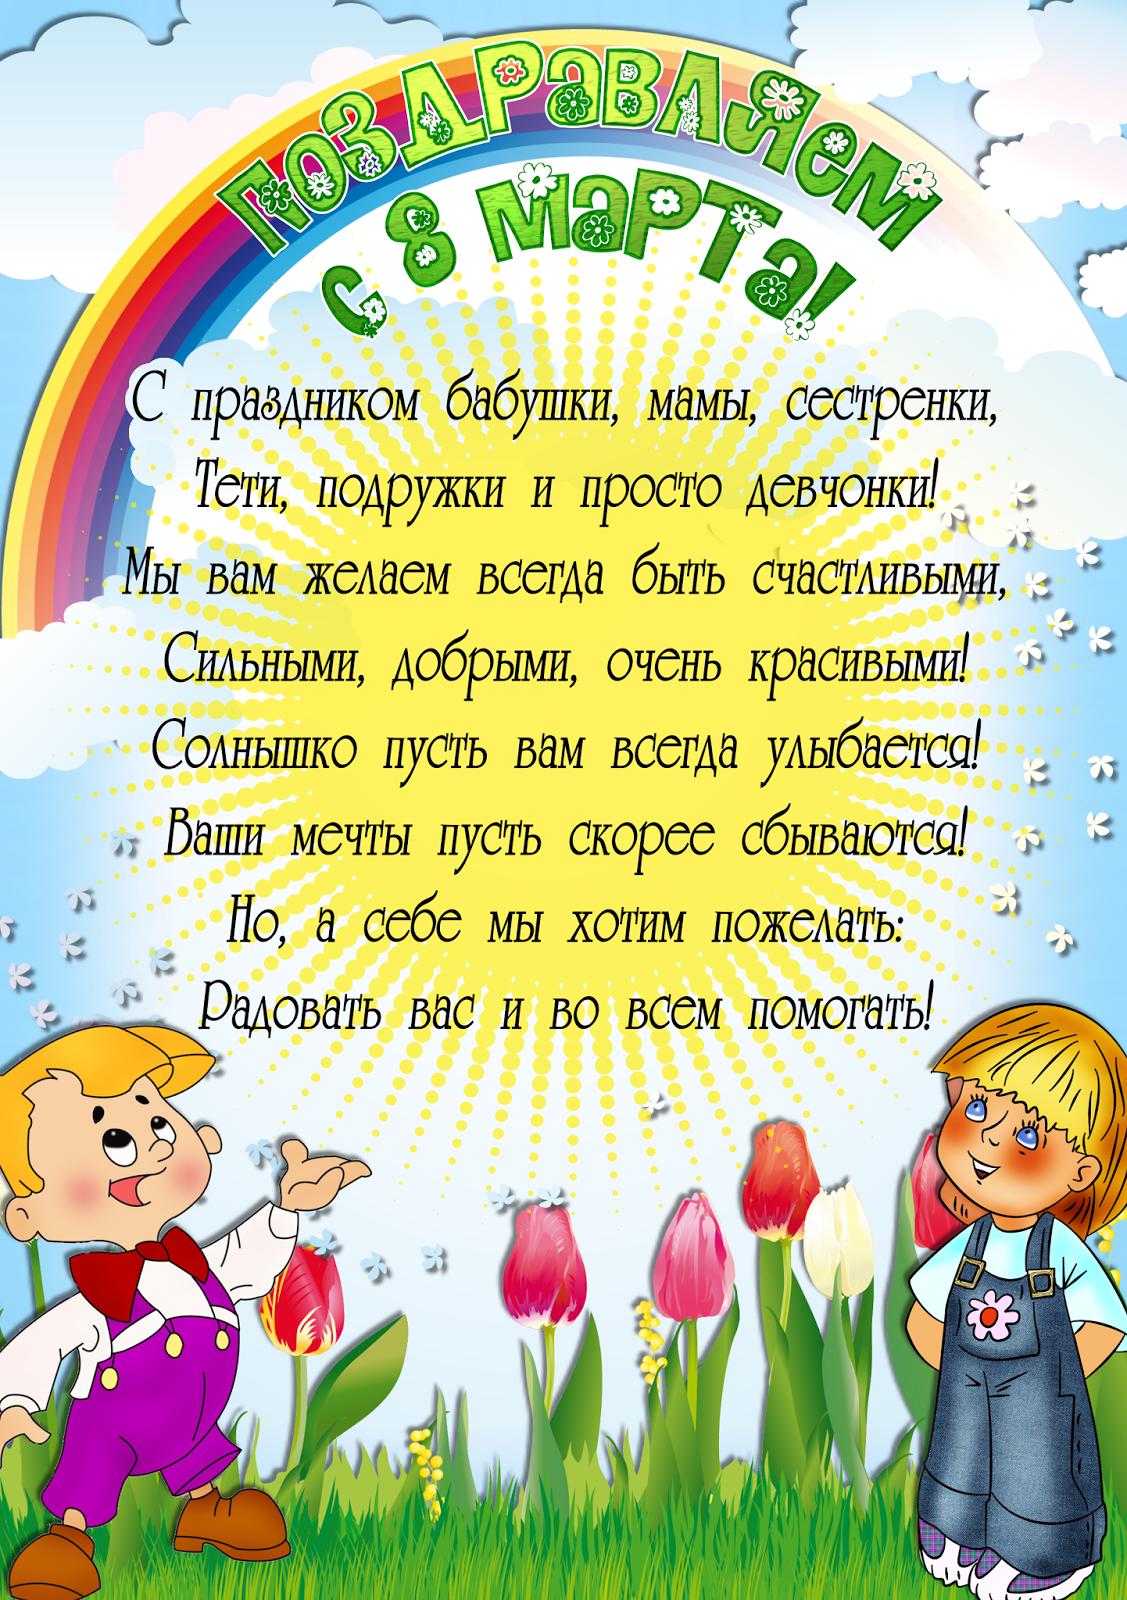 Детский сад 8 марта и поздравление